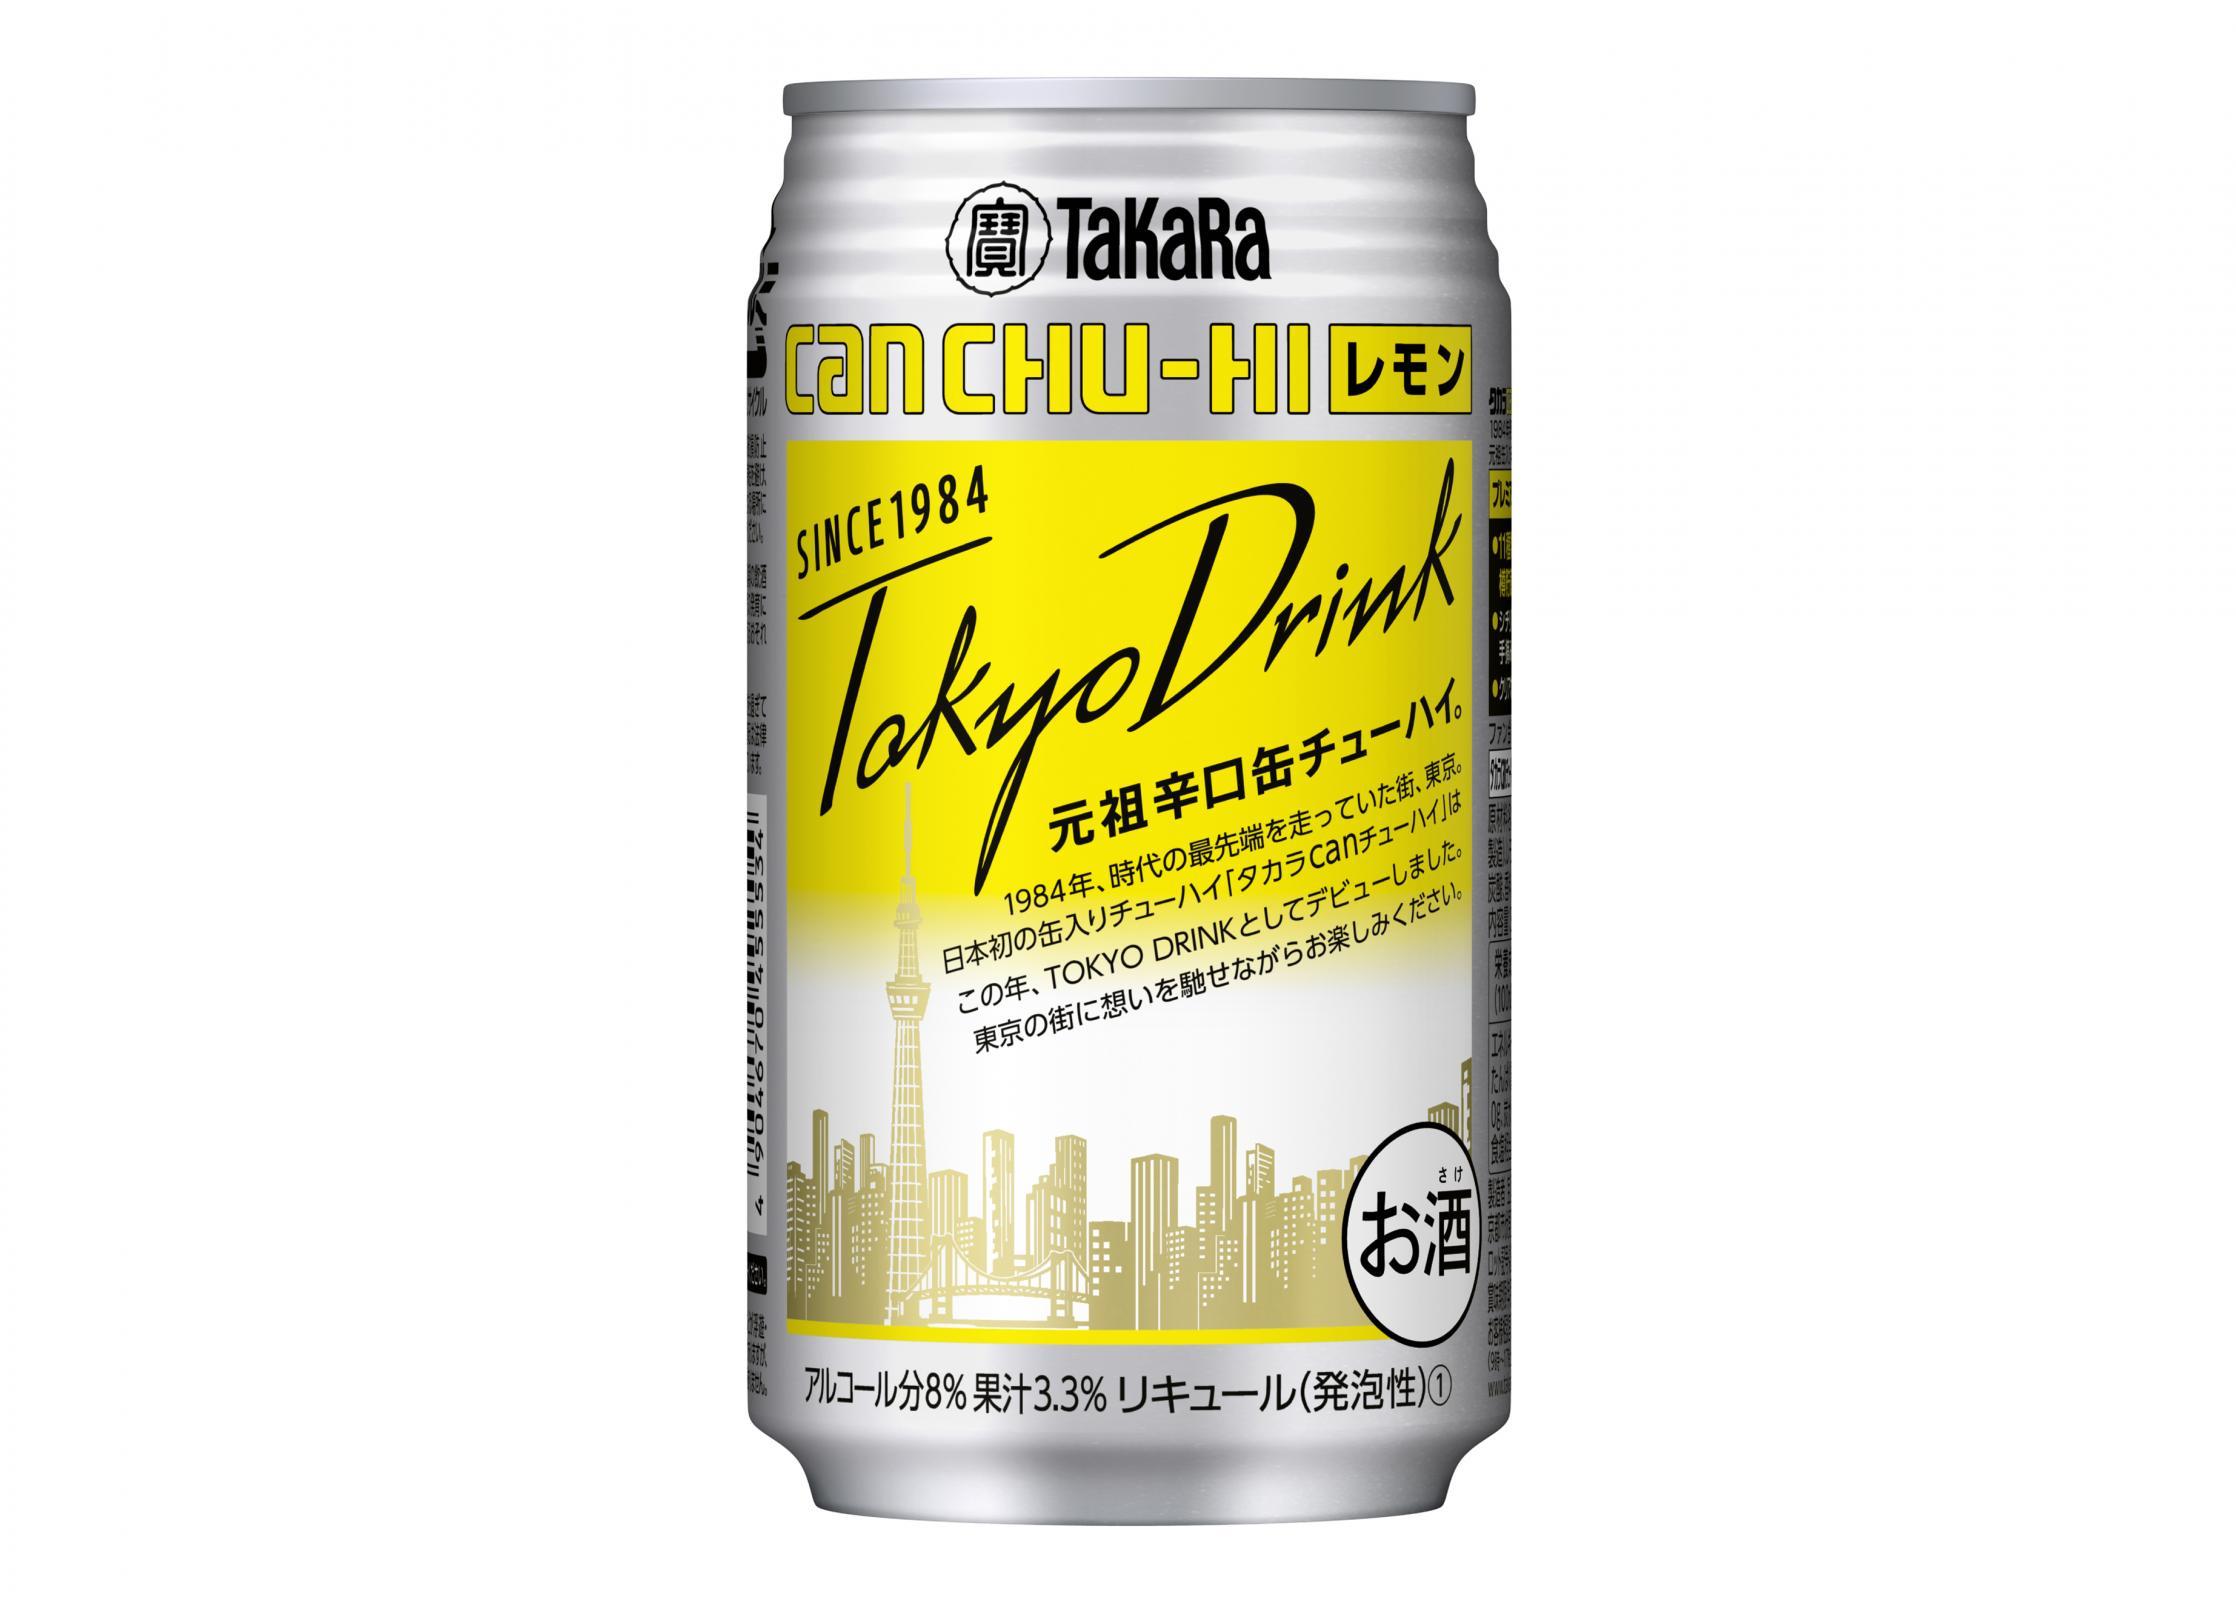 レモン 缶 チューハイ 低カロリーのレモン缶チューハイは美味しいのか? │